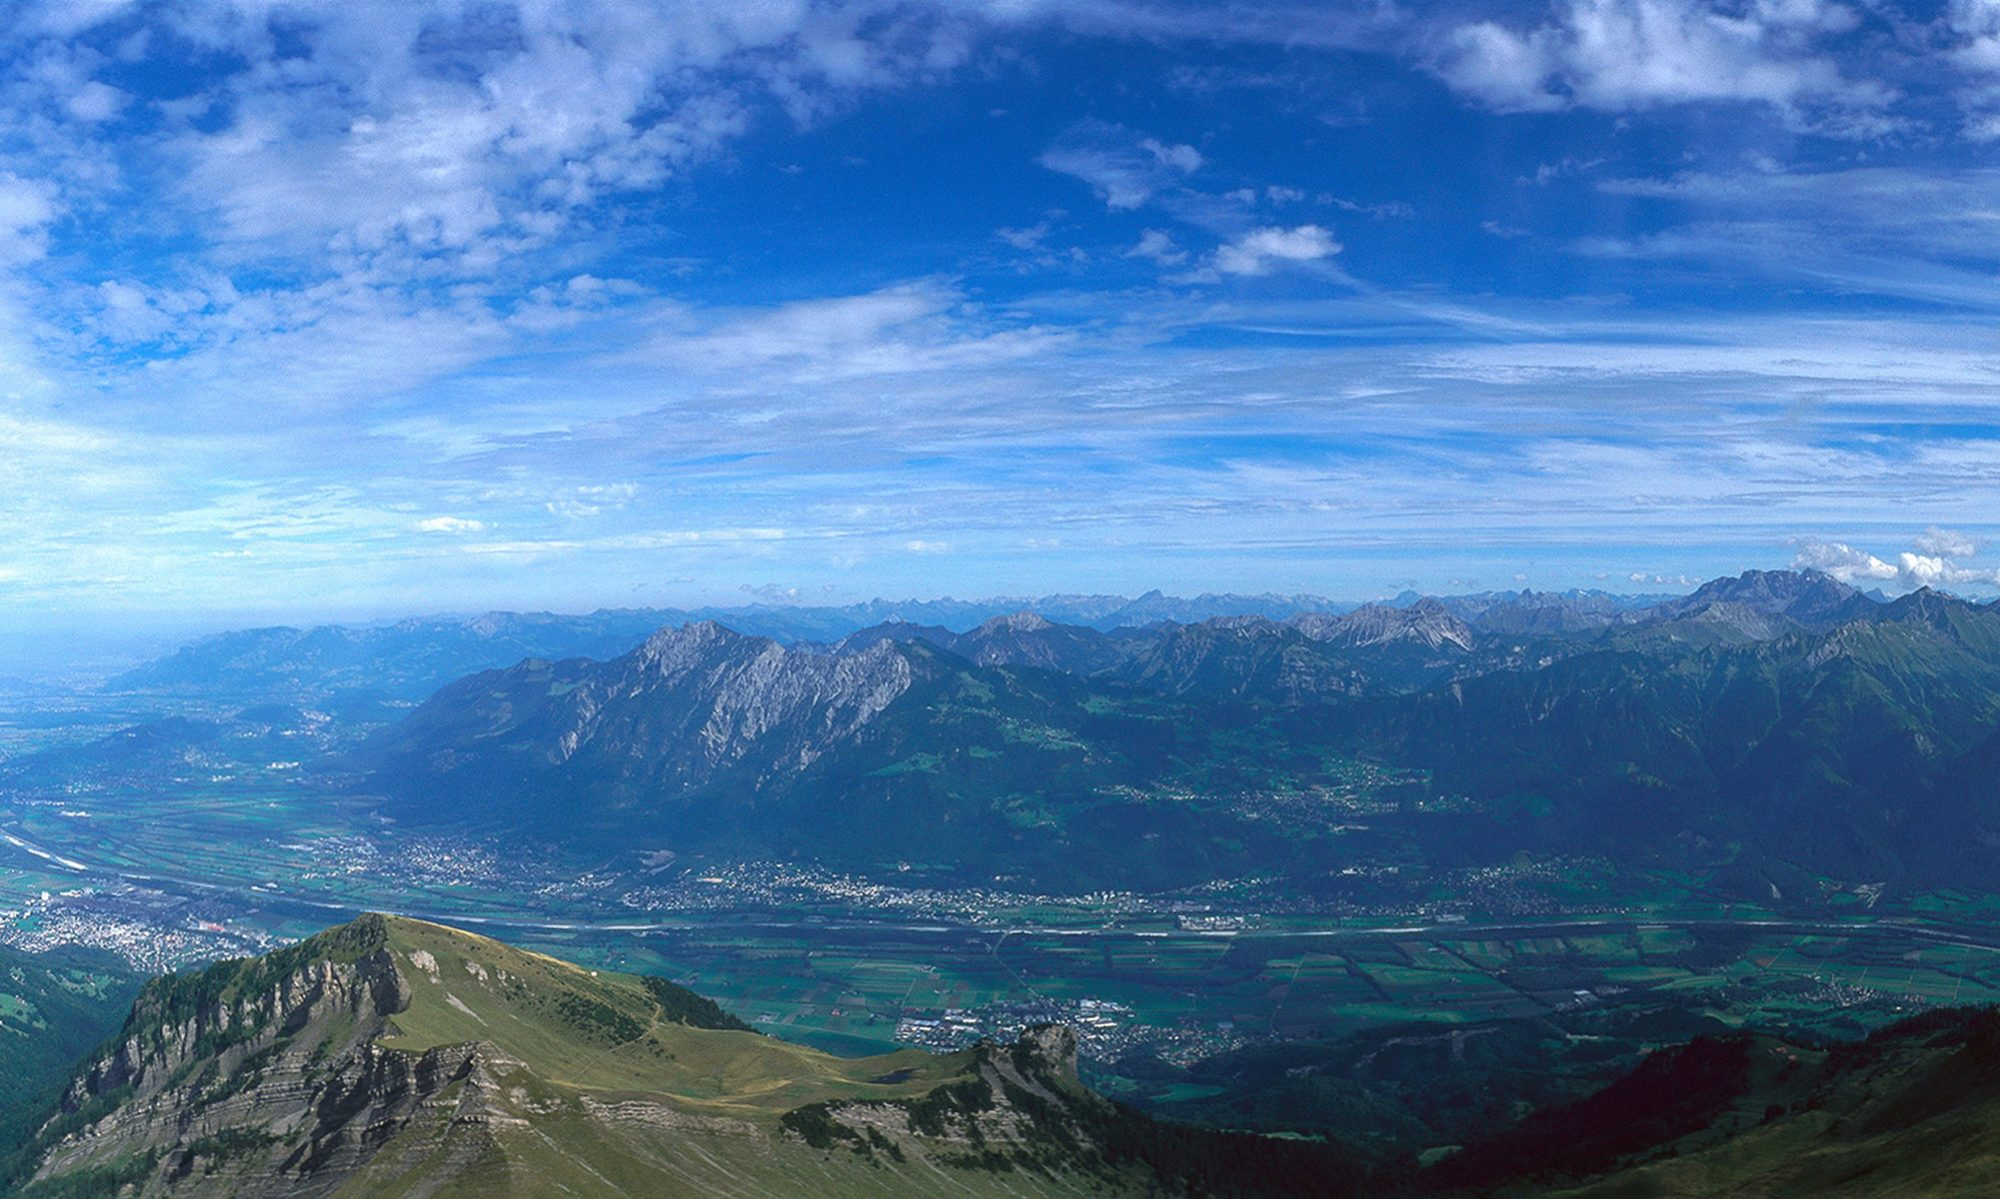 Liechtensteinischer Ornithologischer Landesverband